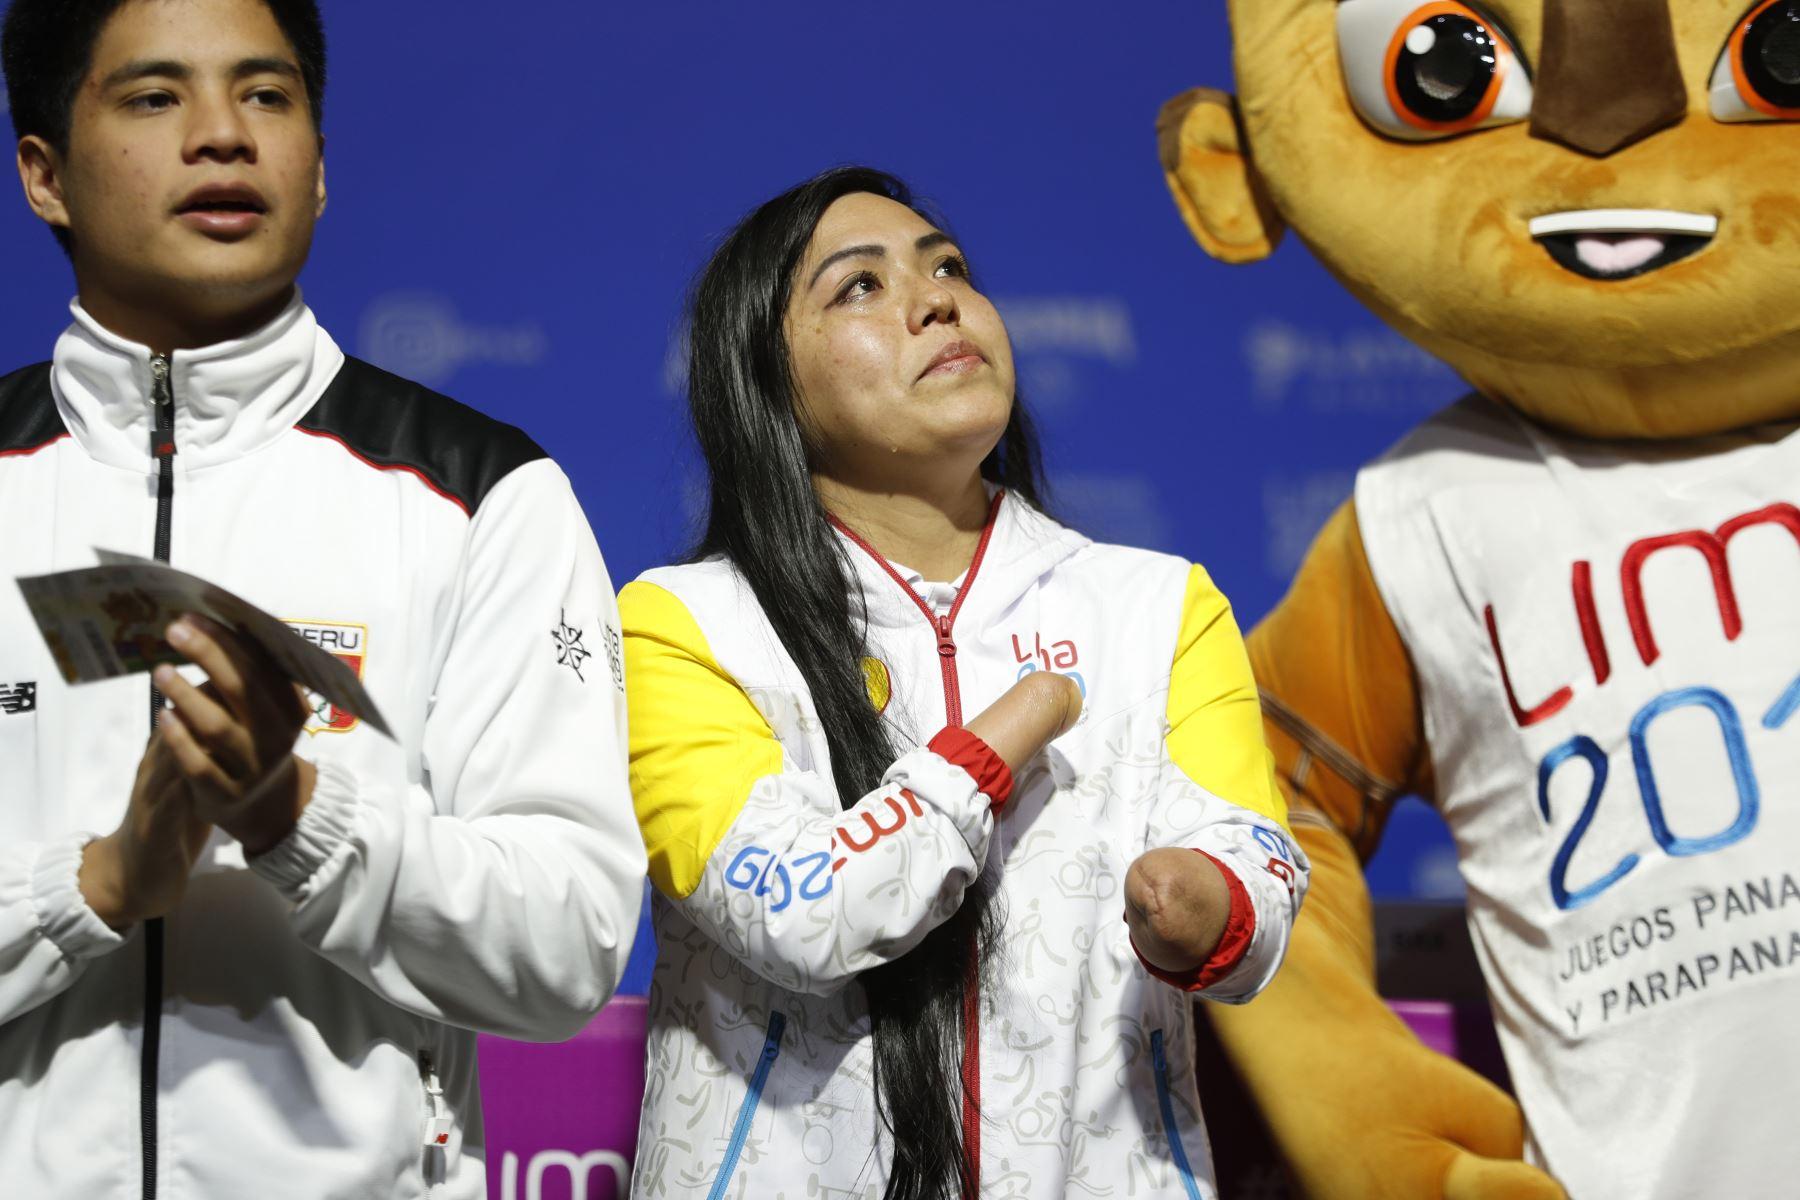 Dunia Felices embajadora medallista de para natación con lágrimas de emoción participa en la presentación de la ruta de la Antorcha Parapanamericana. Foto: ANDINA/Josue Ramos